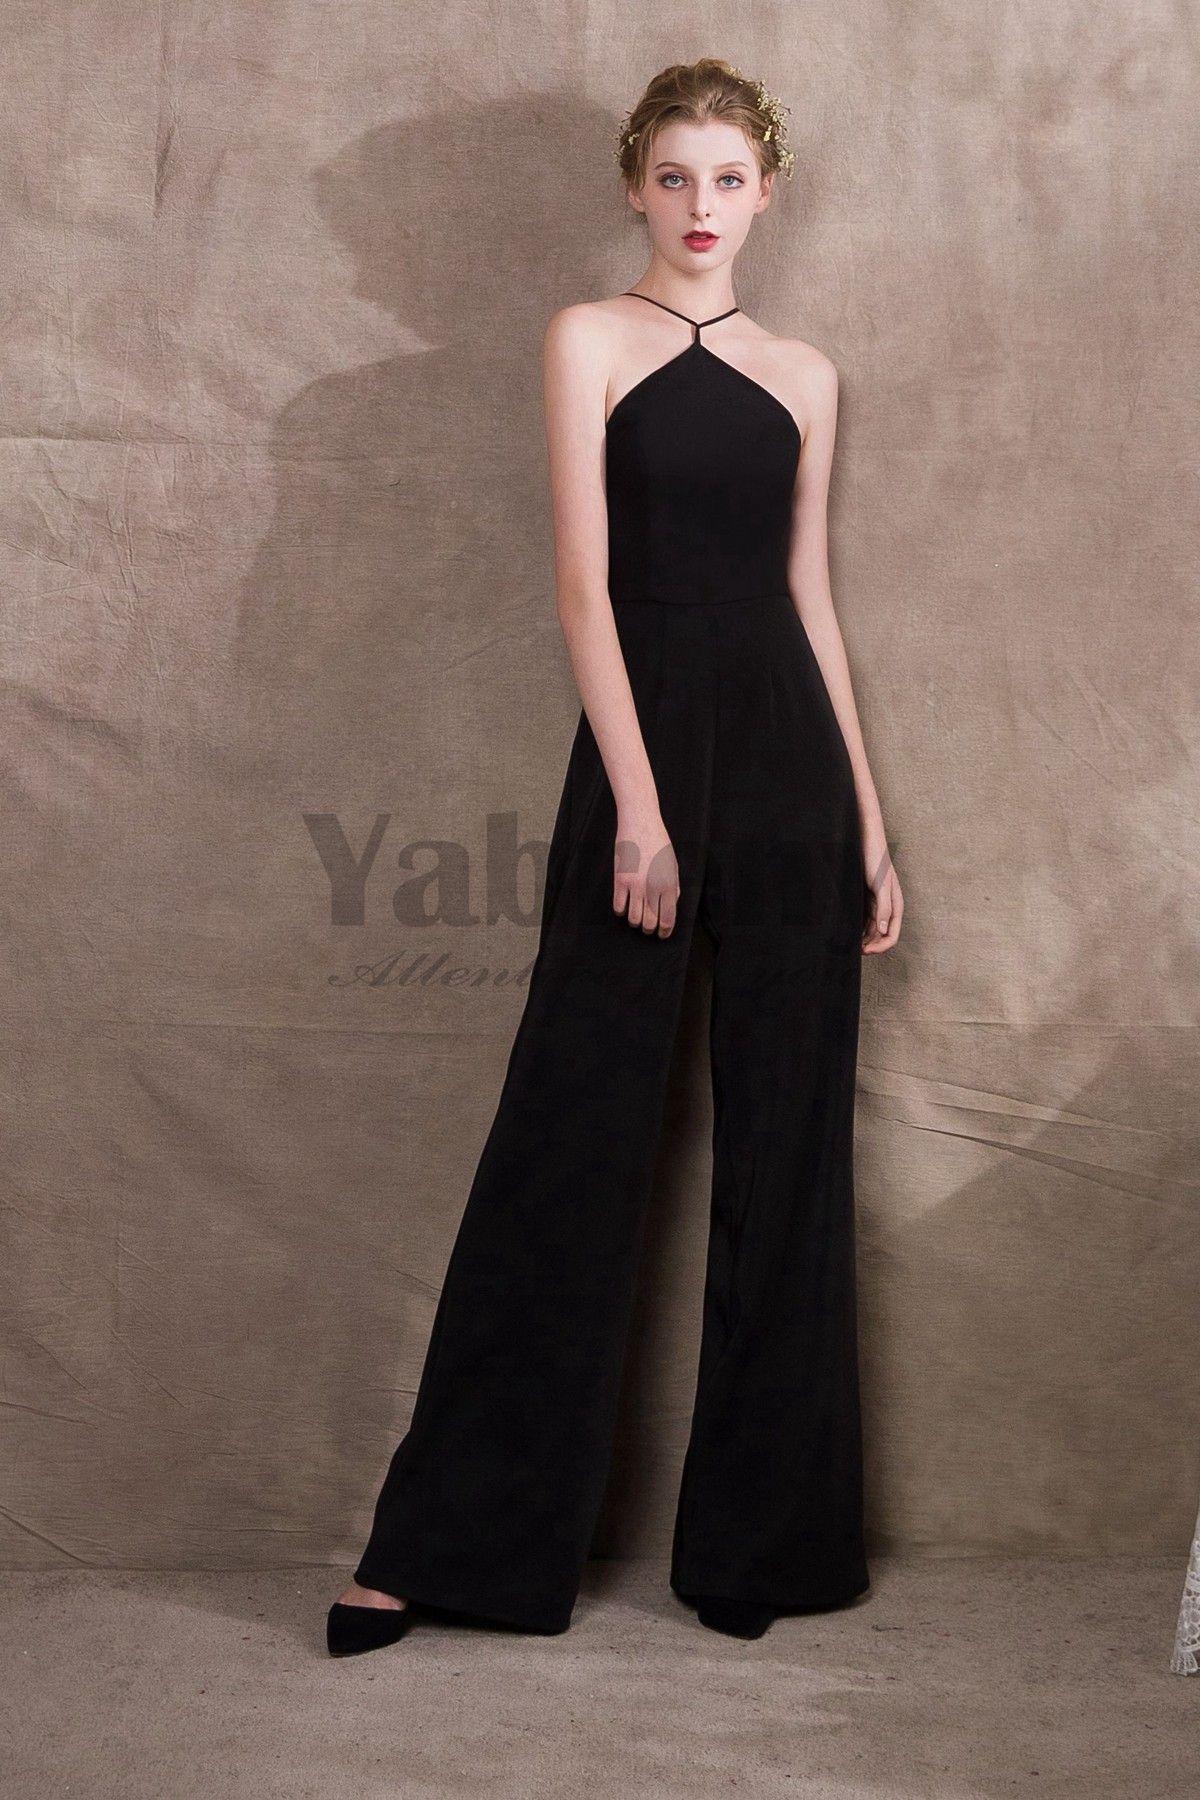 Black Stretch Chiffon Jumpsuits Womens Special Occasion Dresses So 039 Womens Special Occasion Dresses Jumpsuits For Women Special Occasion Dresses [ 1800 x 1200 Pixel ]